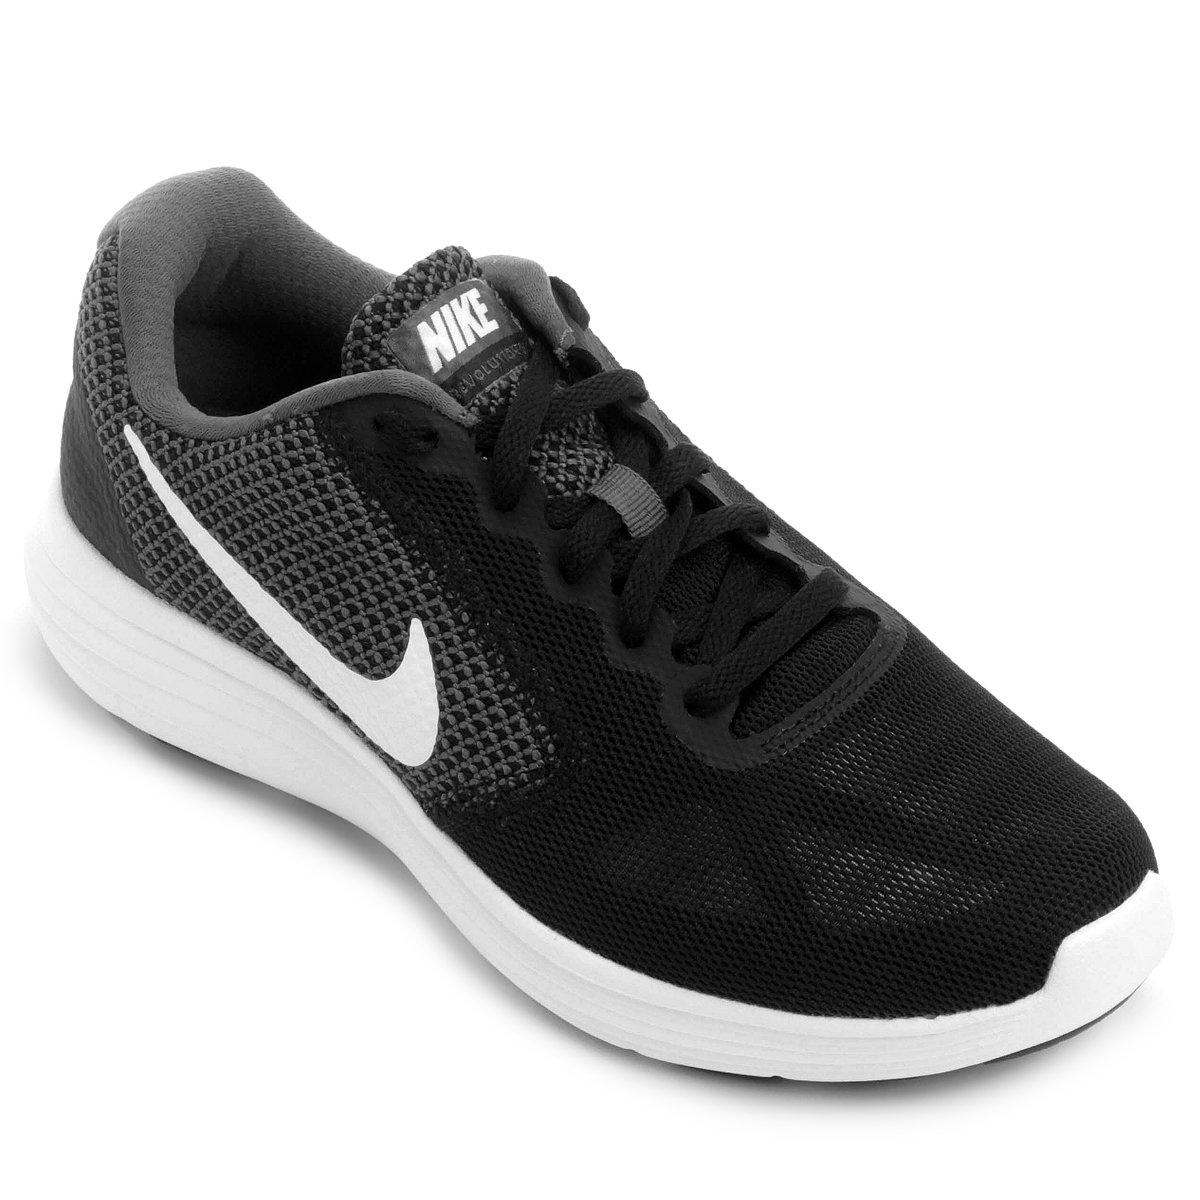 3384a83ca Tênis Nike Revolution 3 Feminino - Compre Agora